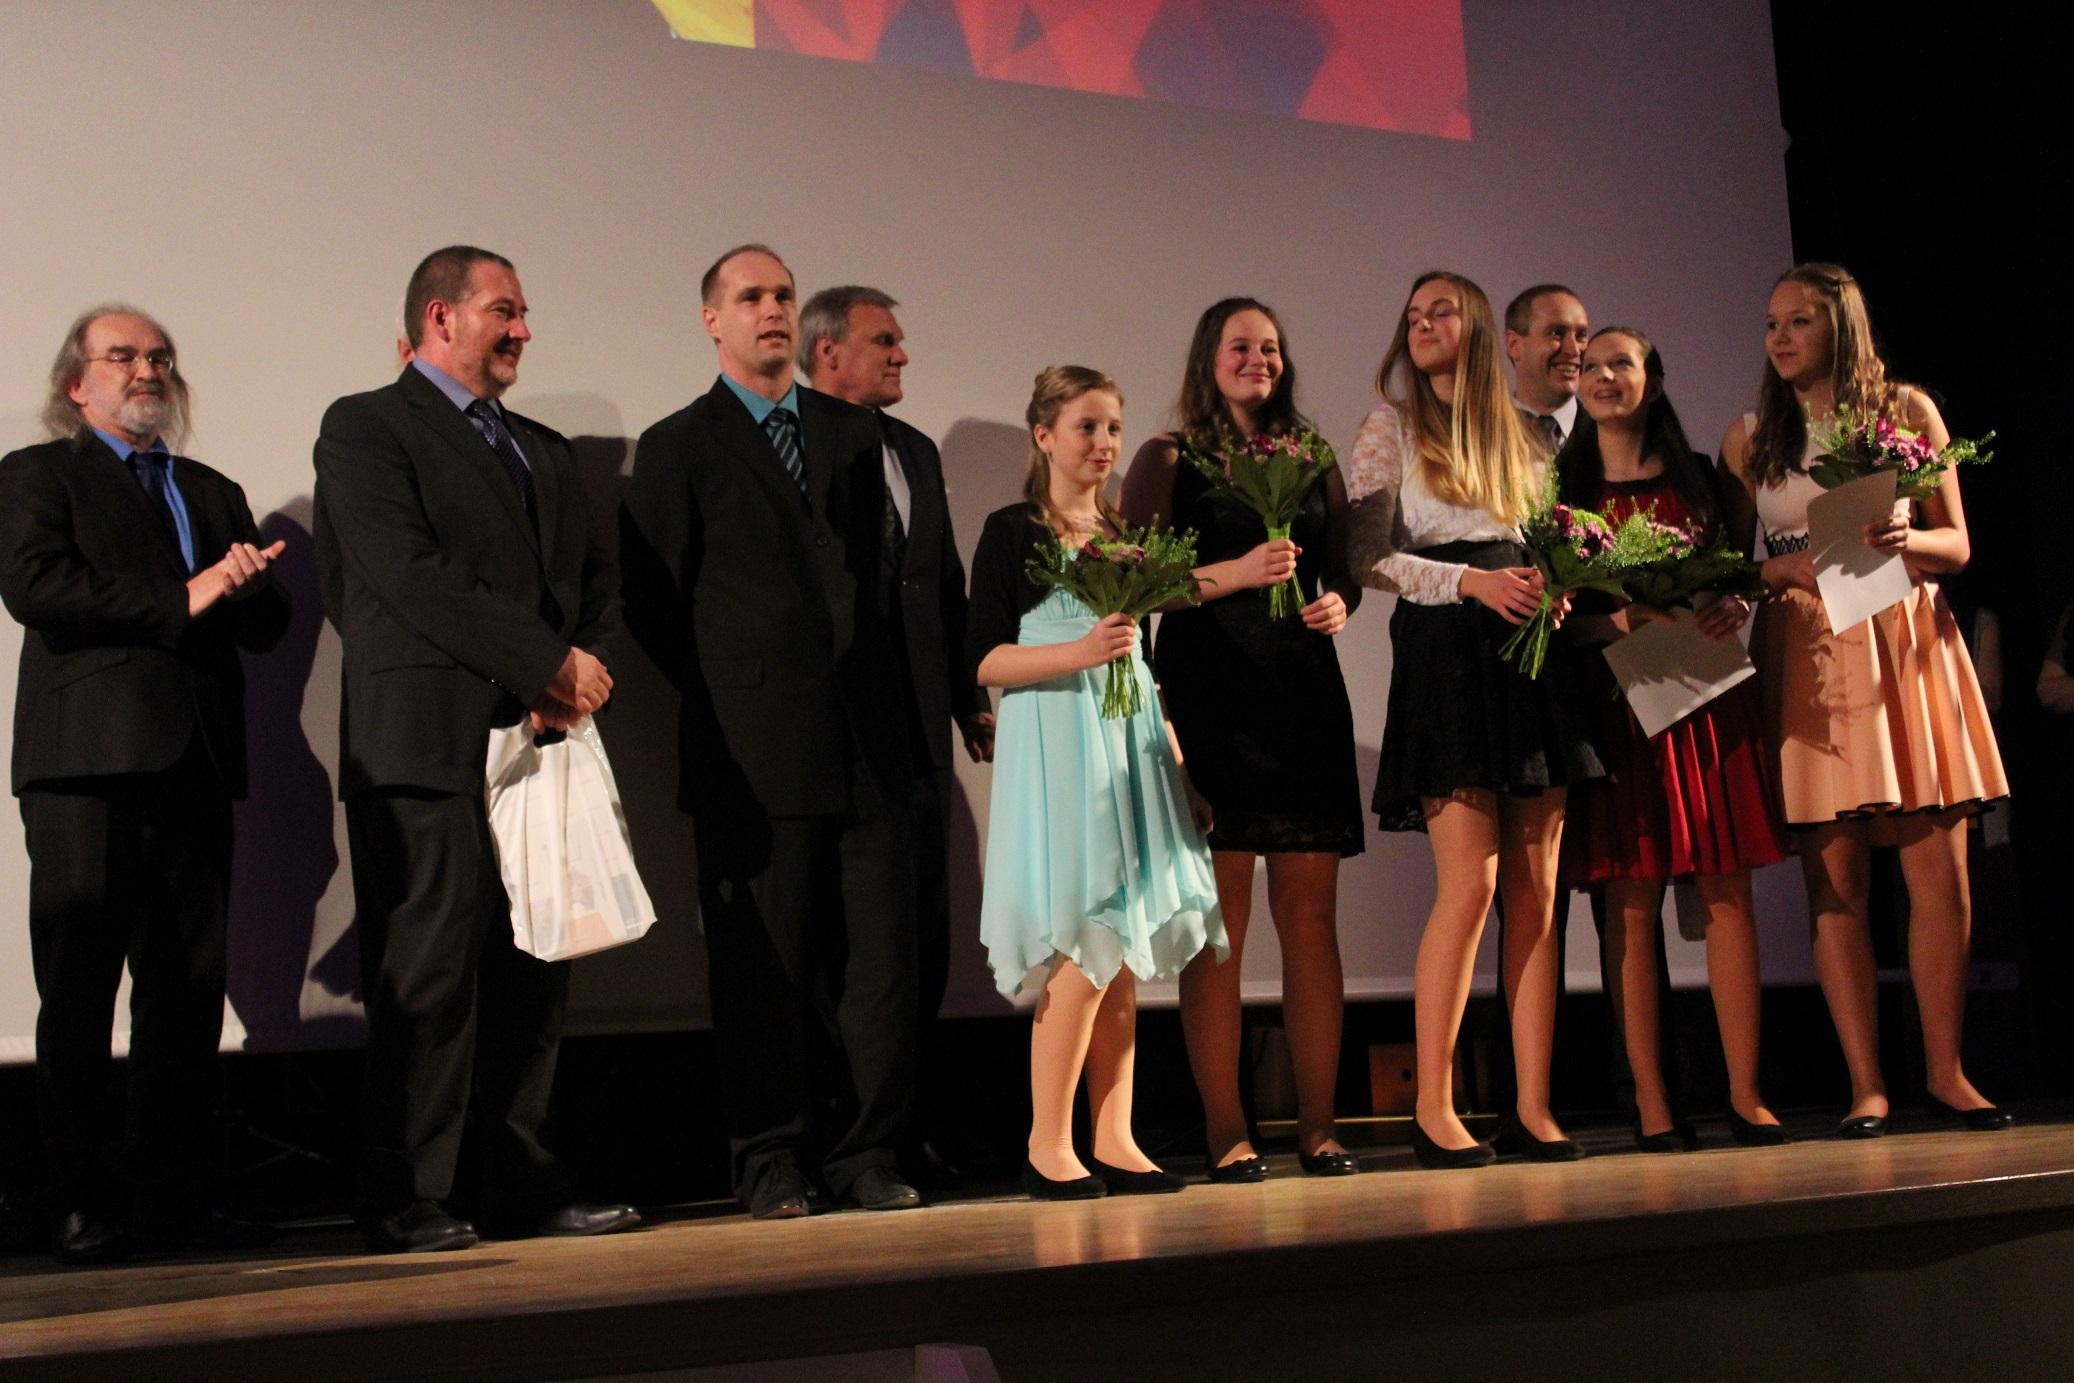 Foto: Min.týden se konal ples sportovců Karlových Varů